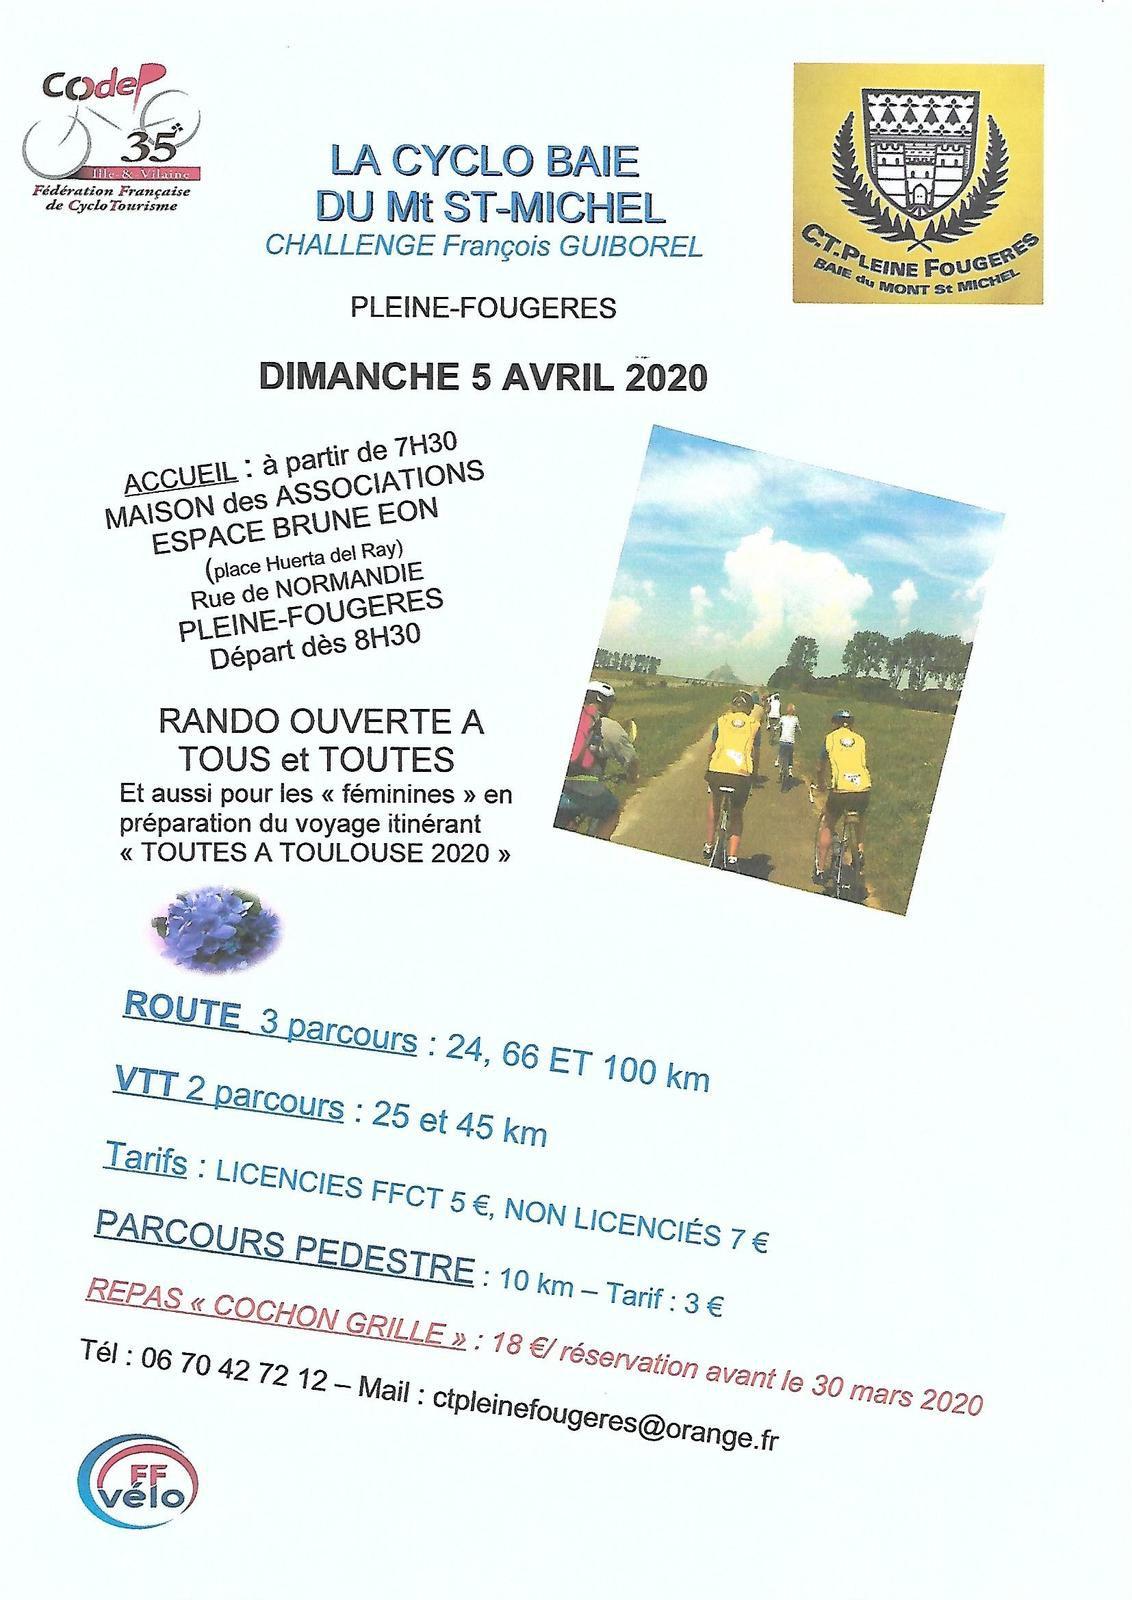 LA Cyclo Baie du Mont St- Michel Annulée  le Dimanche 5 Avril mais reportée le Dimanche 28 Juin 2020 à Pleines-Fougères